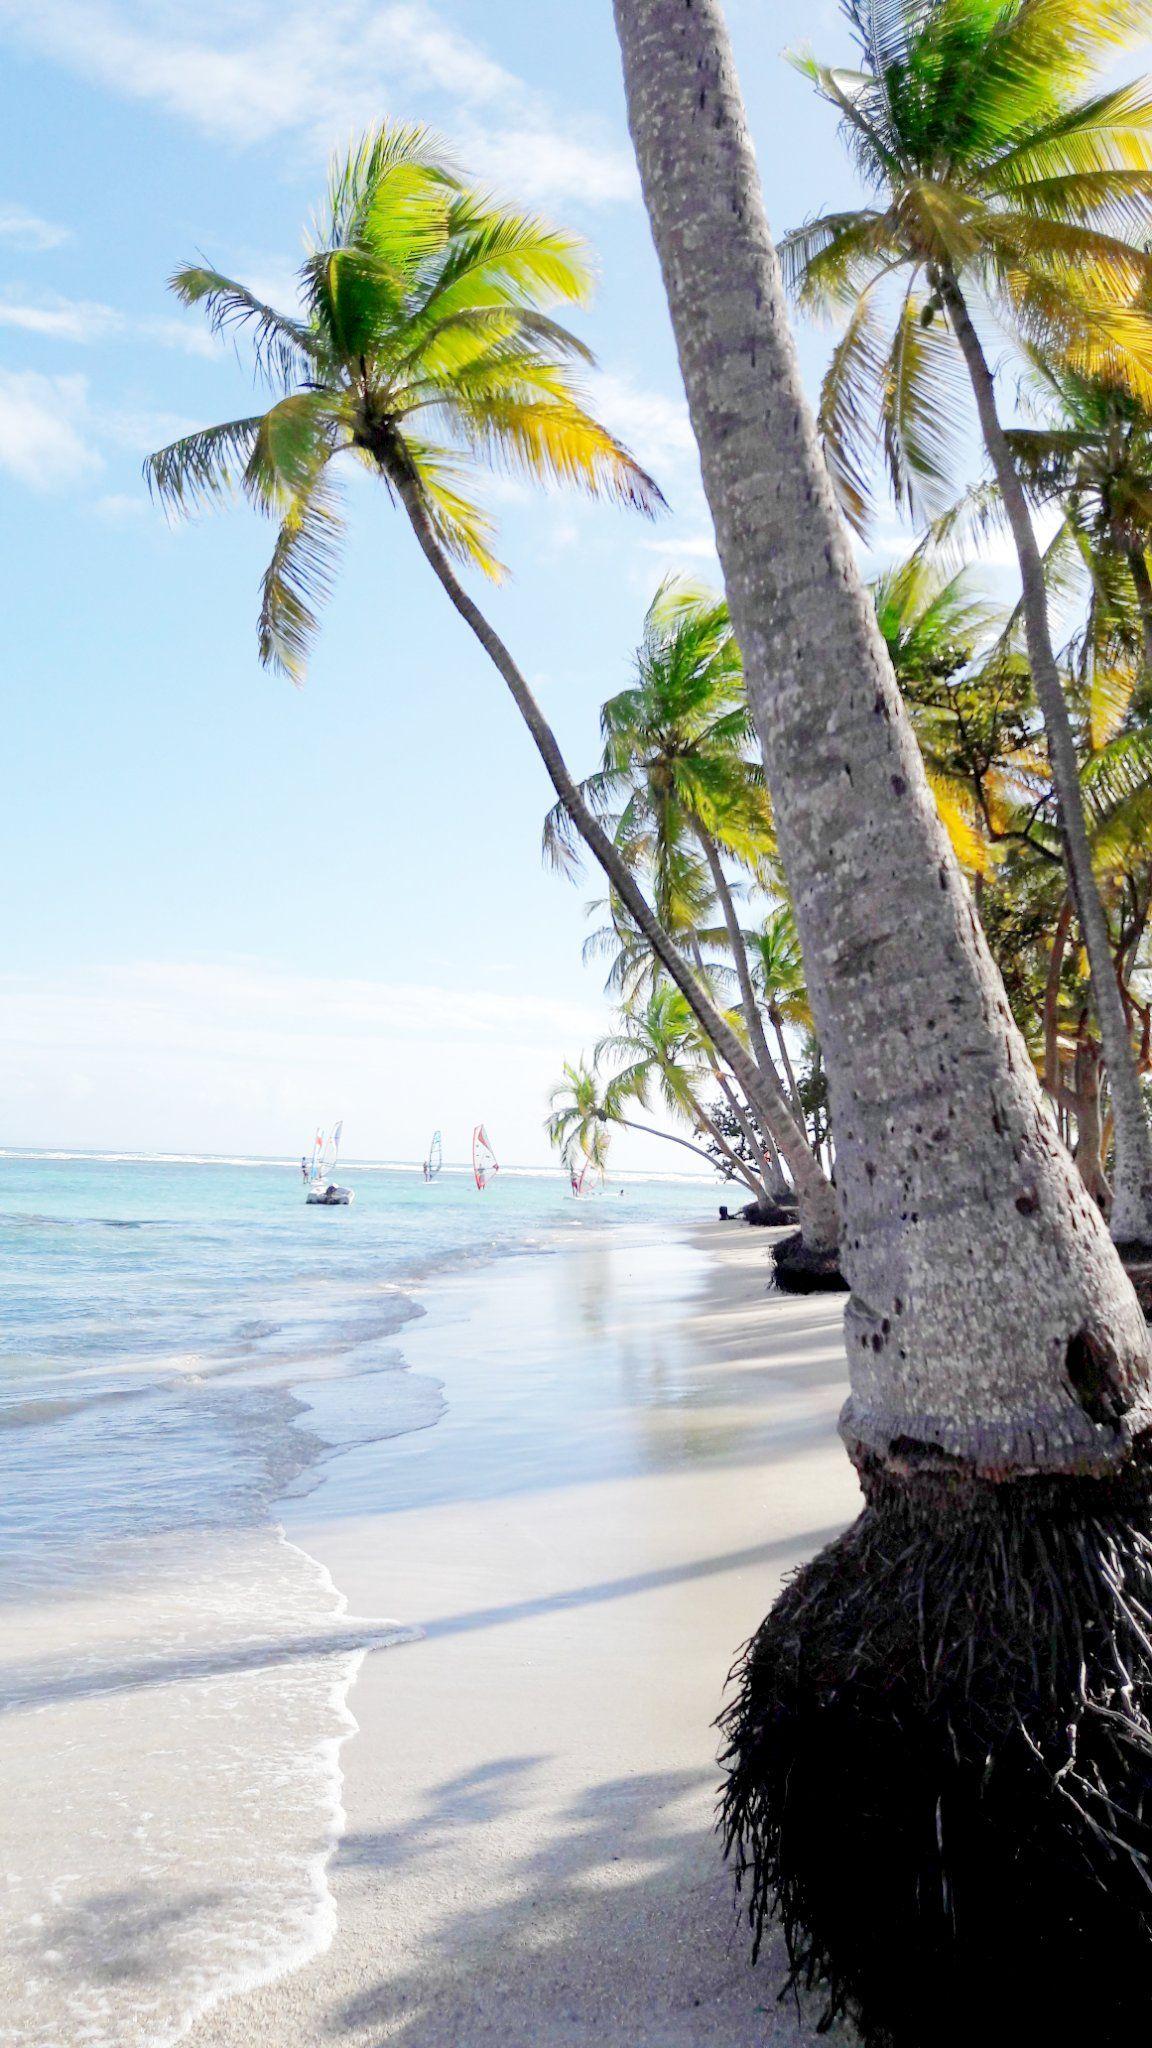 Unterwegs in der Karibik - Guadeloupe 2016 - Tagesausflug Saint Anne Beach